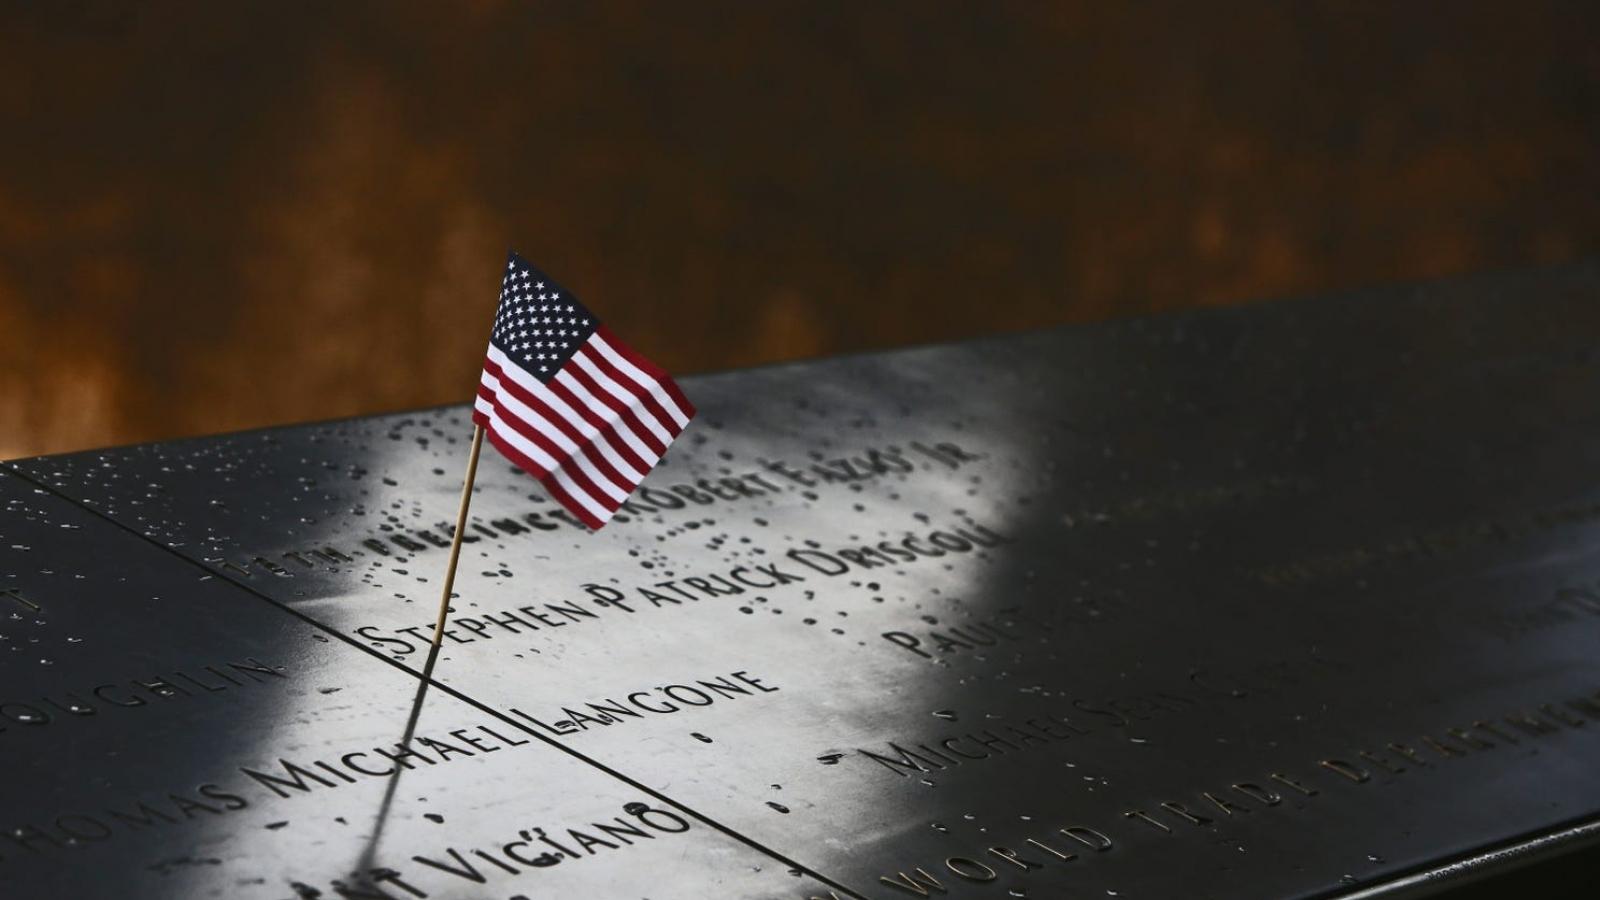 20 năm vụ khủng bố 11/9: Những câu chuyện ám ảnh từ tro tàn và đổ nát